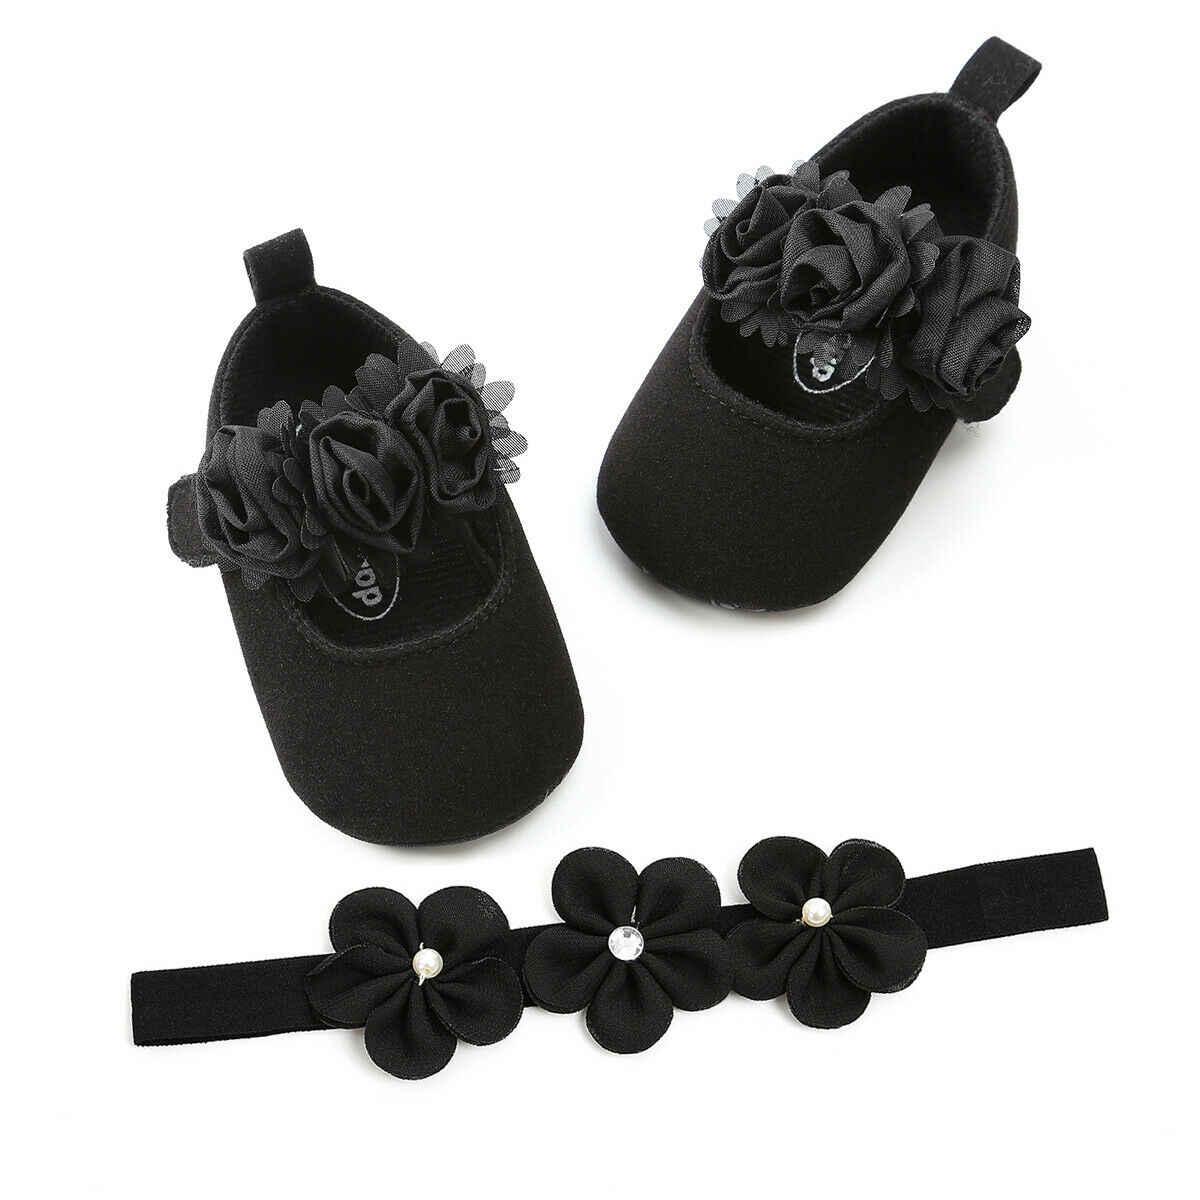 2019 Baby First Walkers recién nacido bebé niñas niños encaje cuna zapatos diadema 2 piezas juegos flores encaje gancho suave zapatos de suela